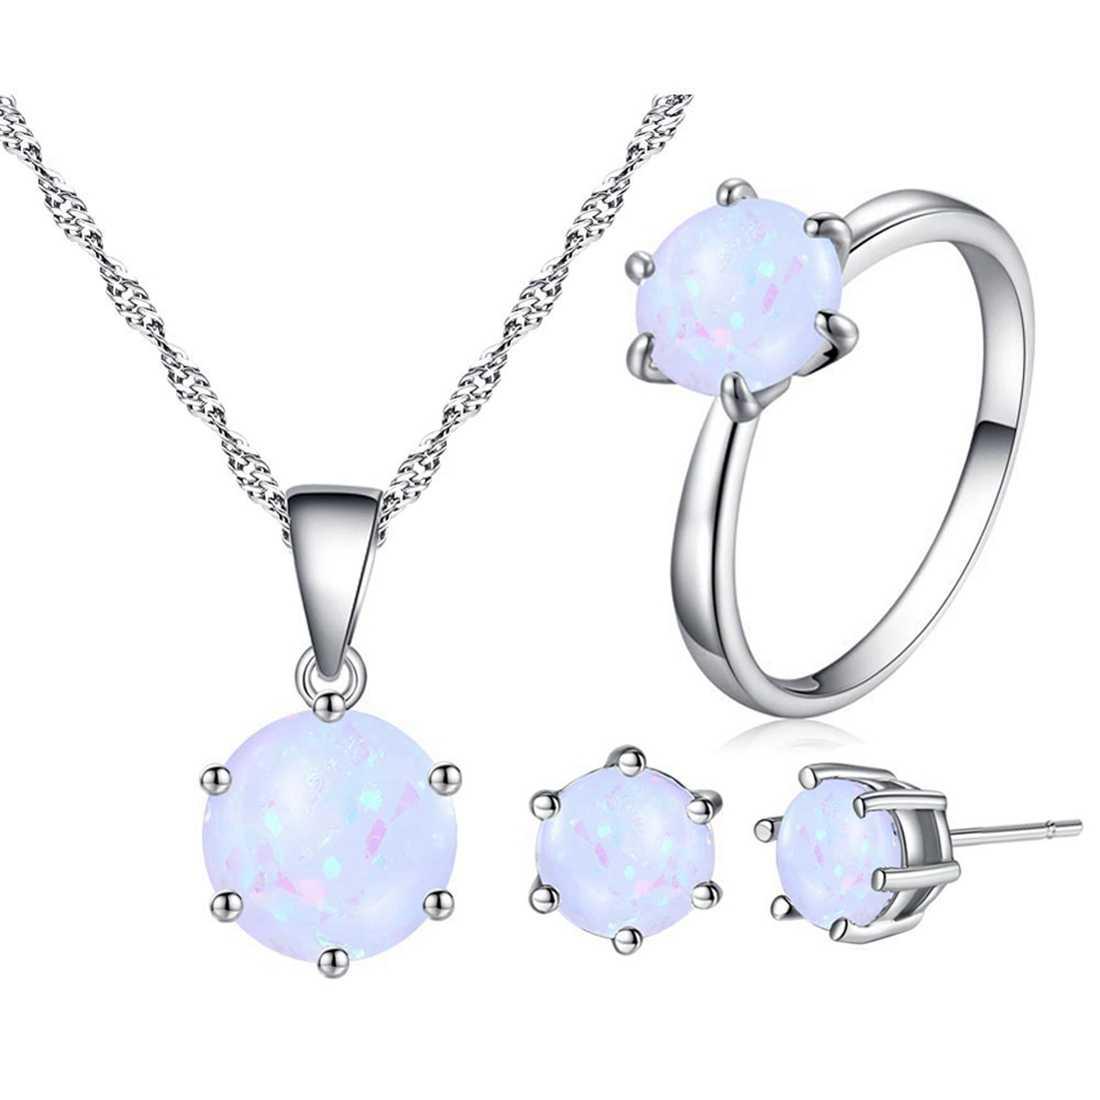 Beiver опал ювелирные изделия для женщин Подвеска круглой формы кольцо Мода Серебряный цвет цепи серьги кольца наборы Свадебные украшения для вечеринок